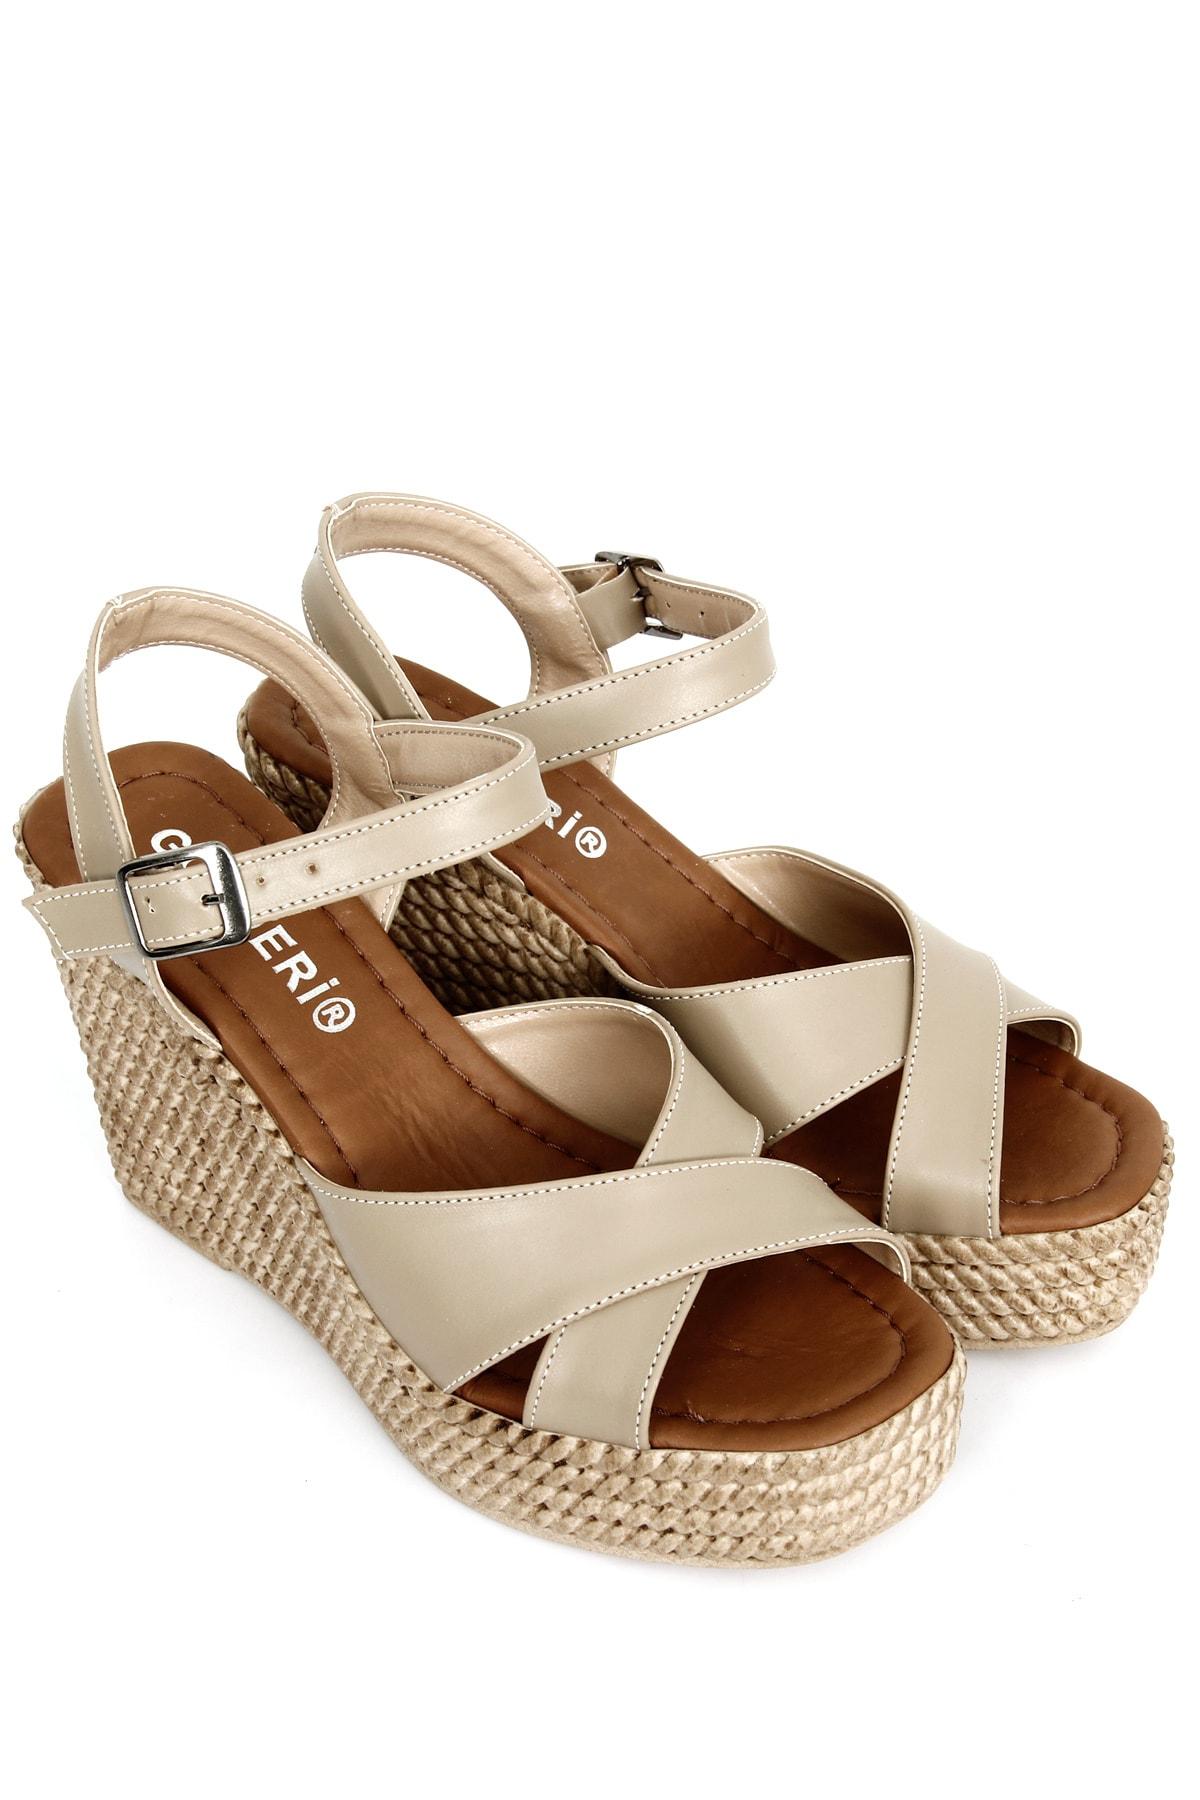 GÖNDERİ(R) Vizon Kadın Sandalet 40533 1